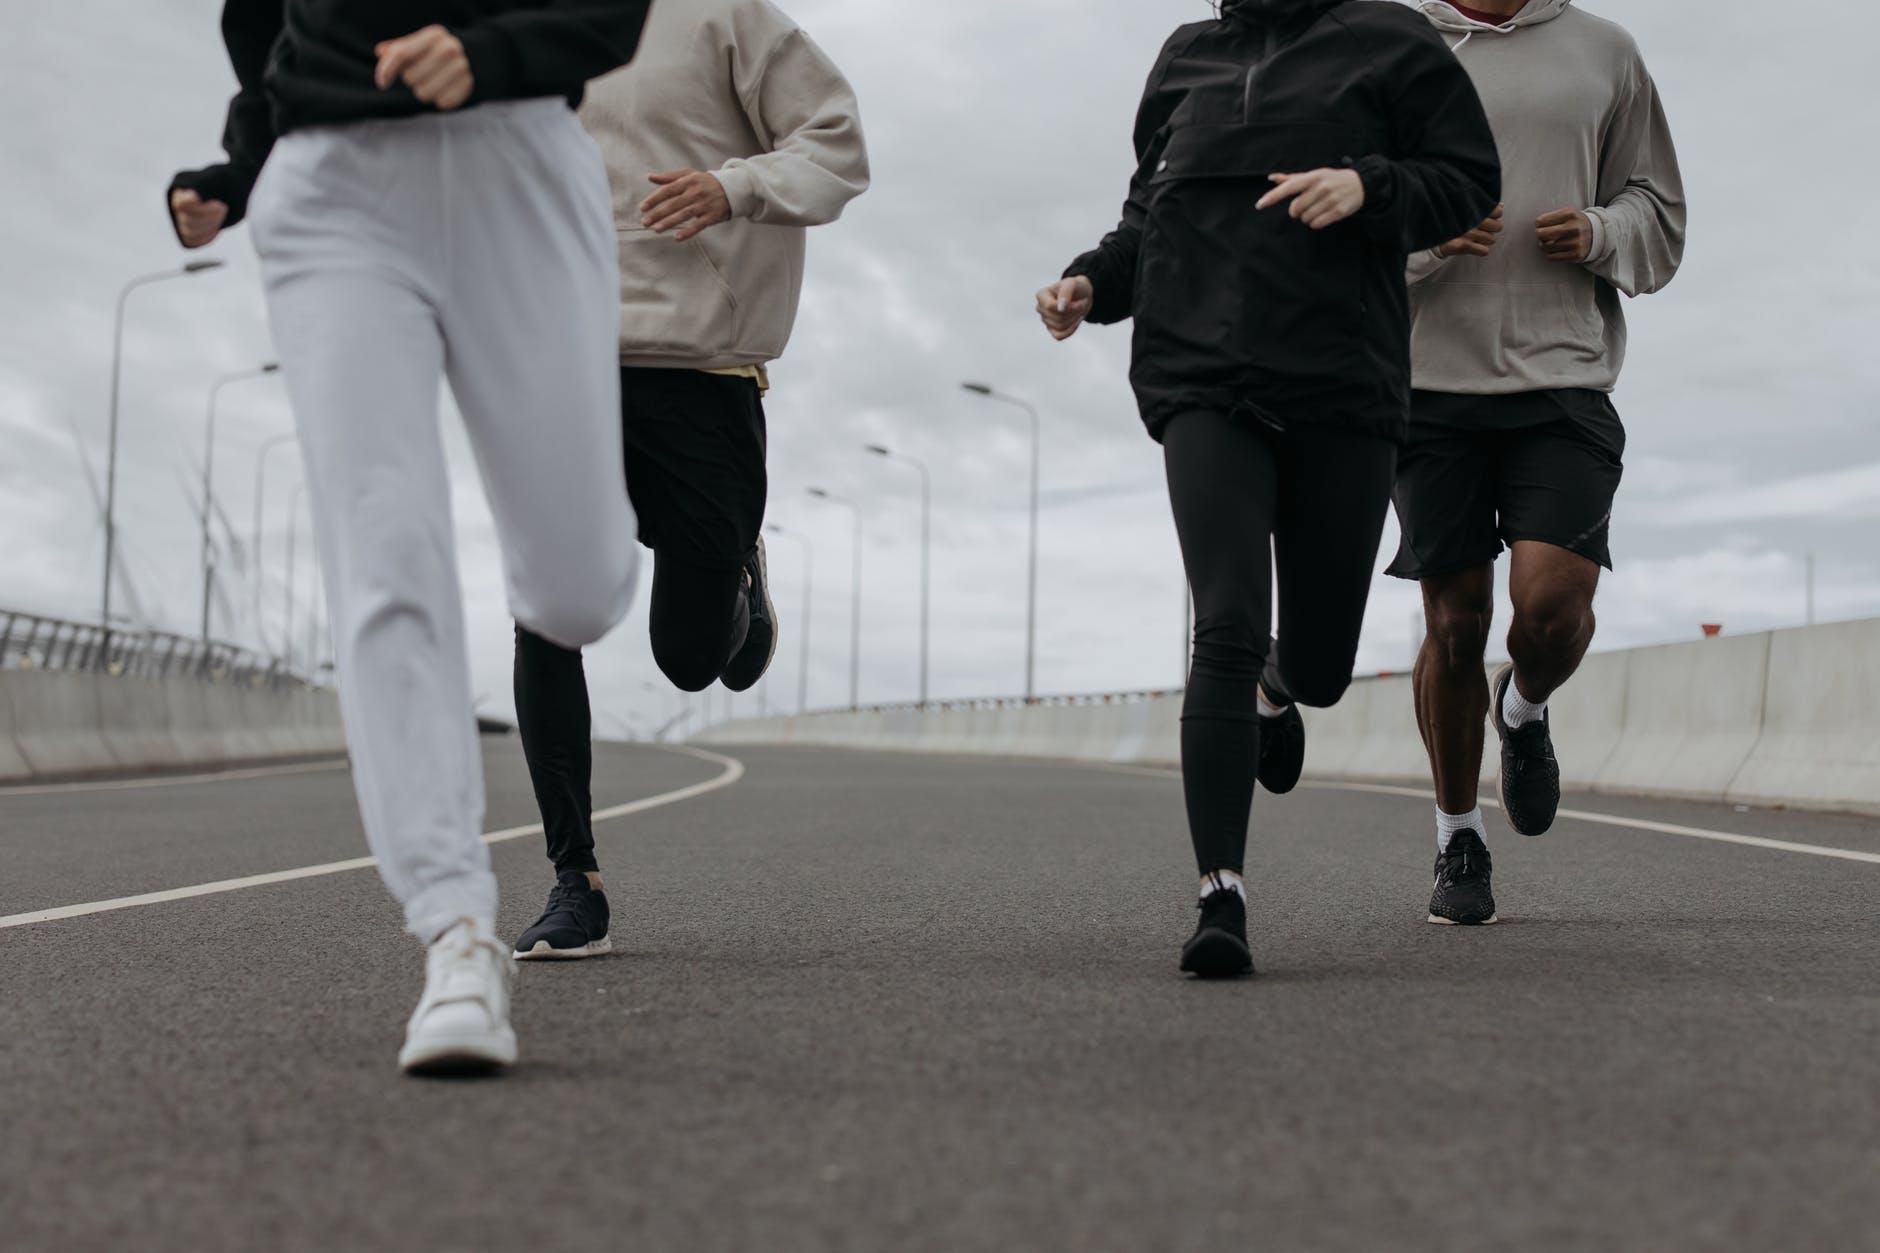 Mengenal perbedaan antara jalan dengan lari